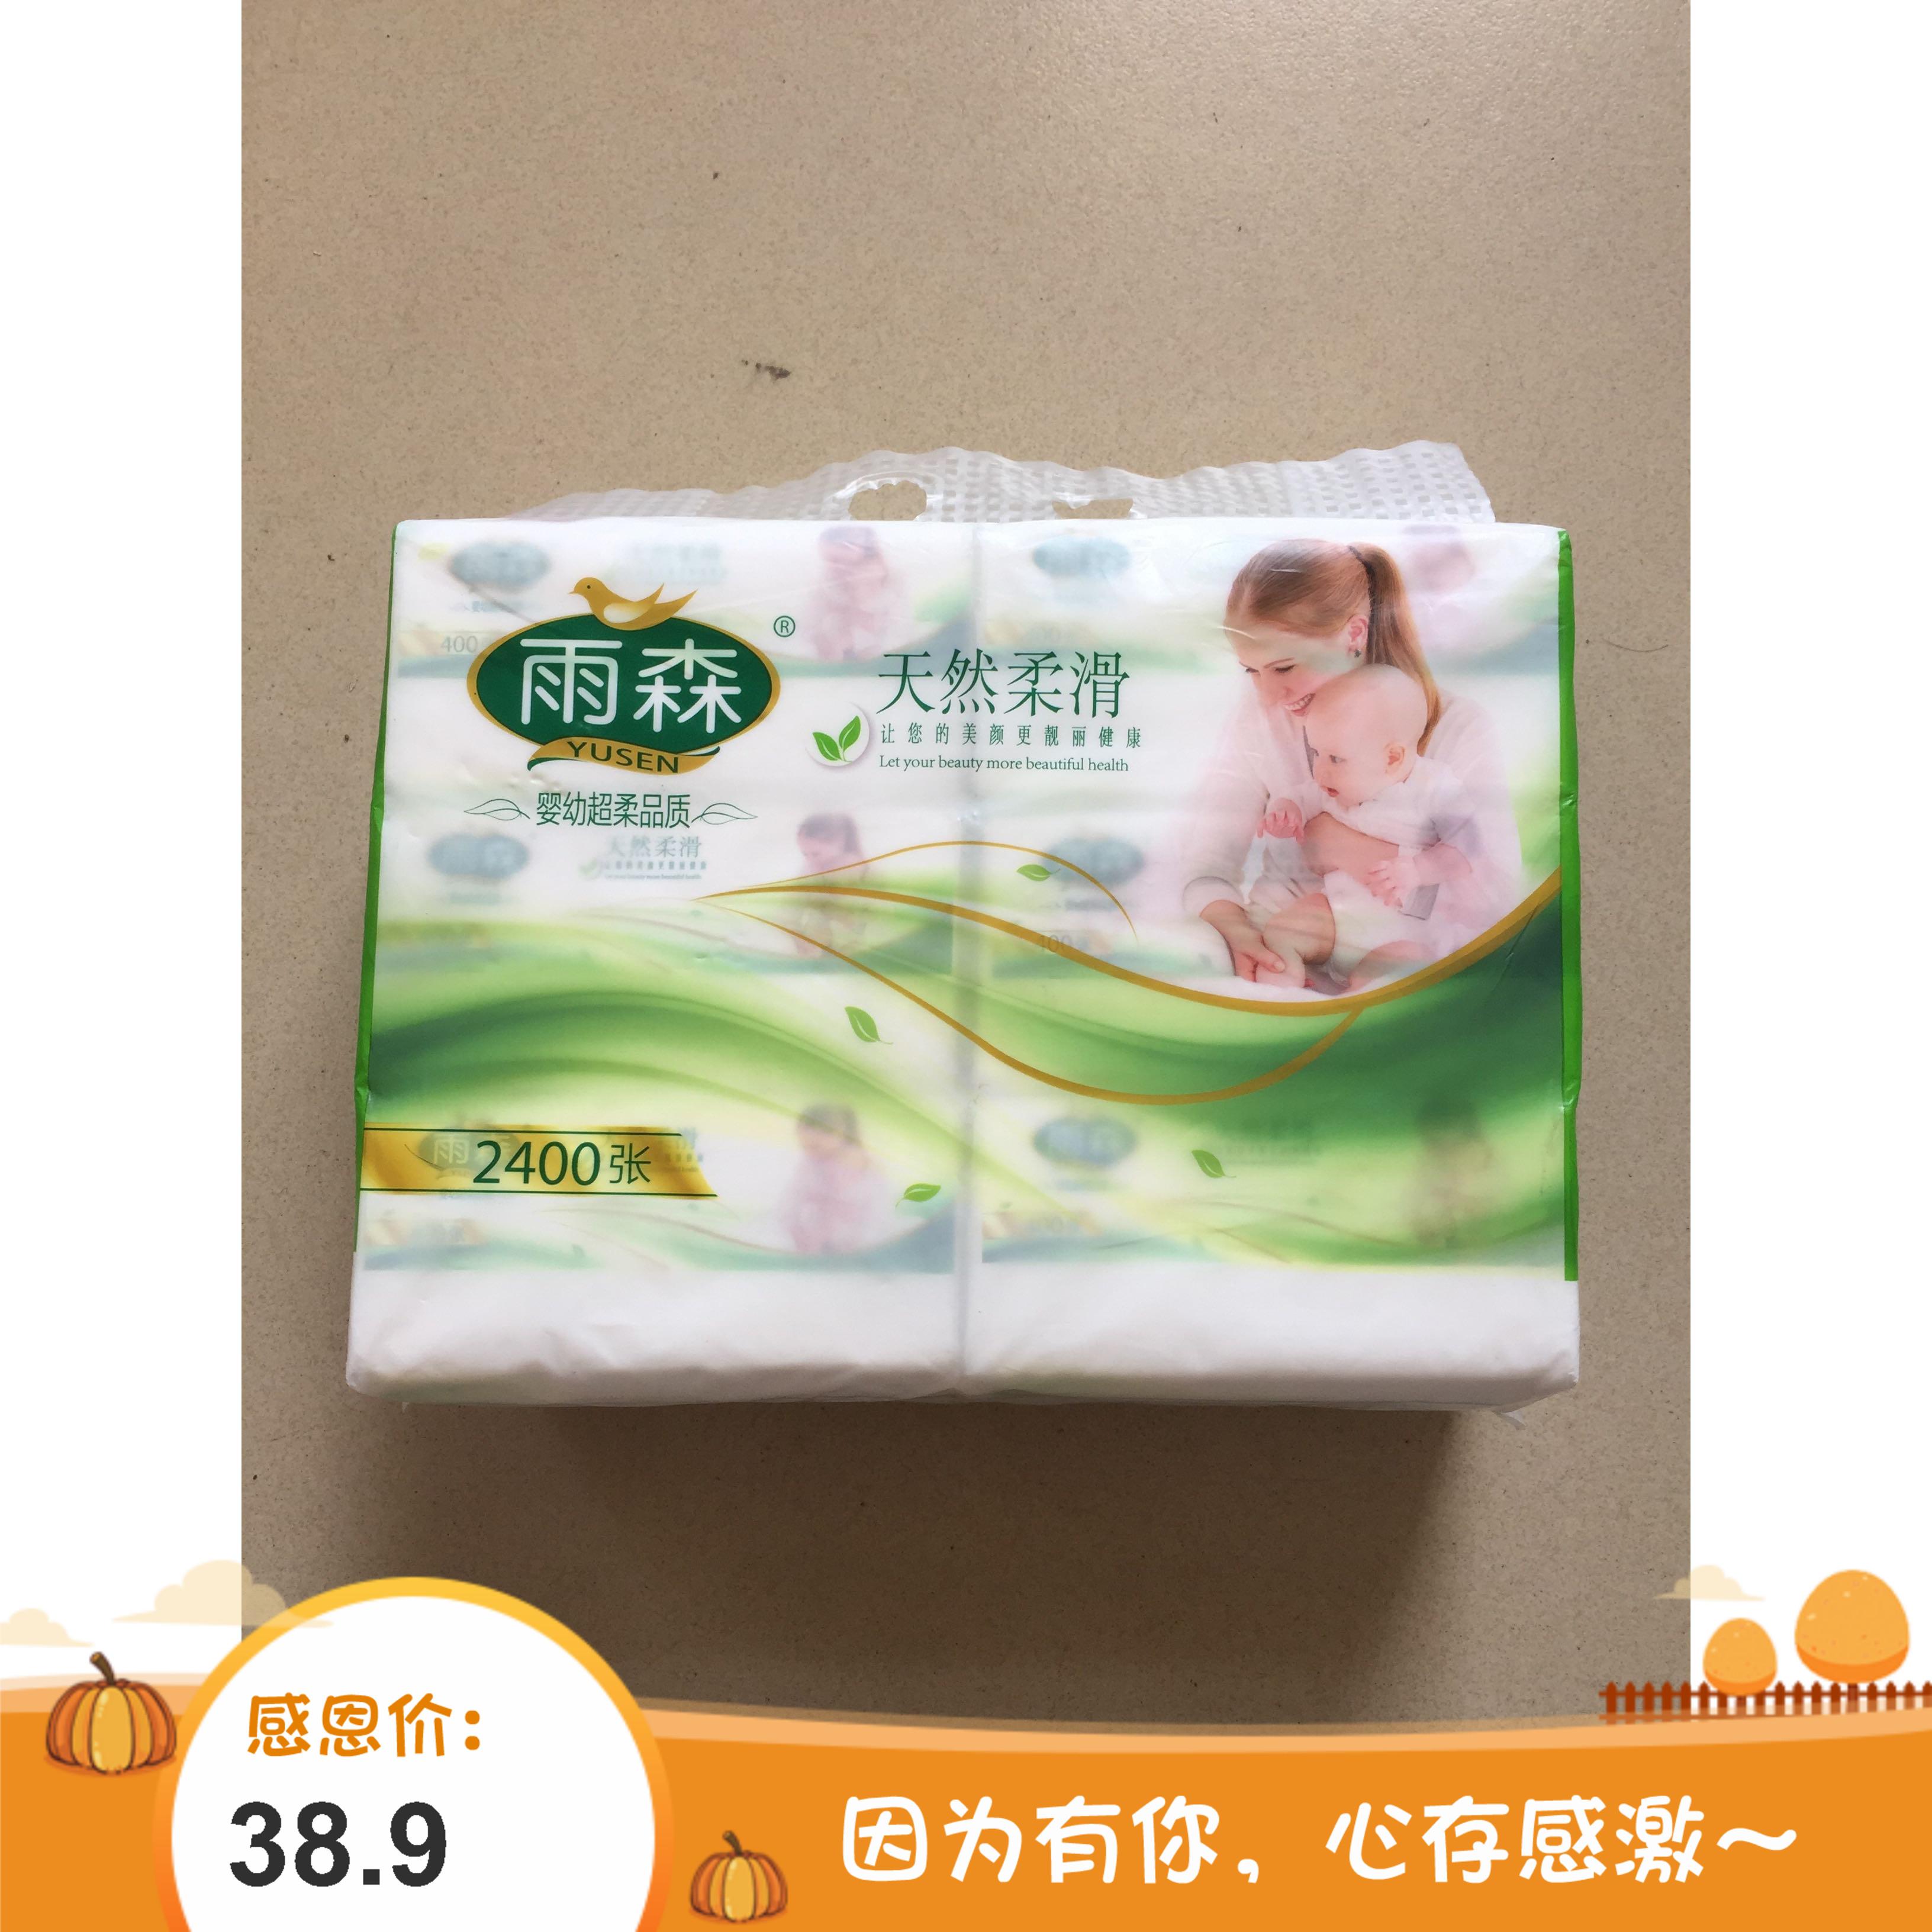 雨森天然柔滑婴幼品质400张六连包面巾纸抽纸三提18小包